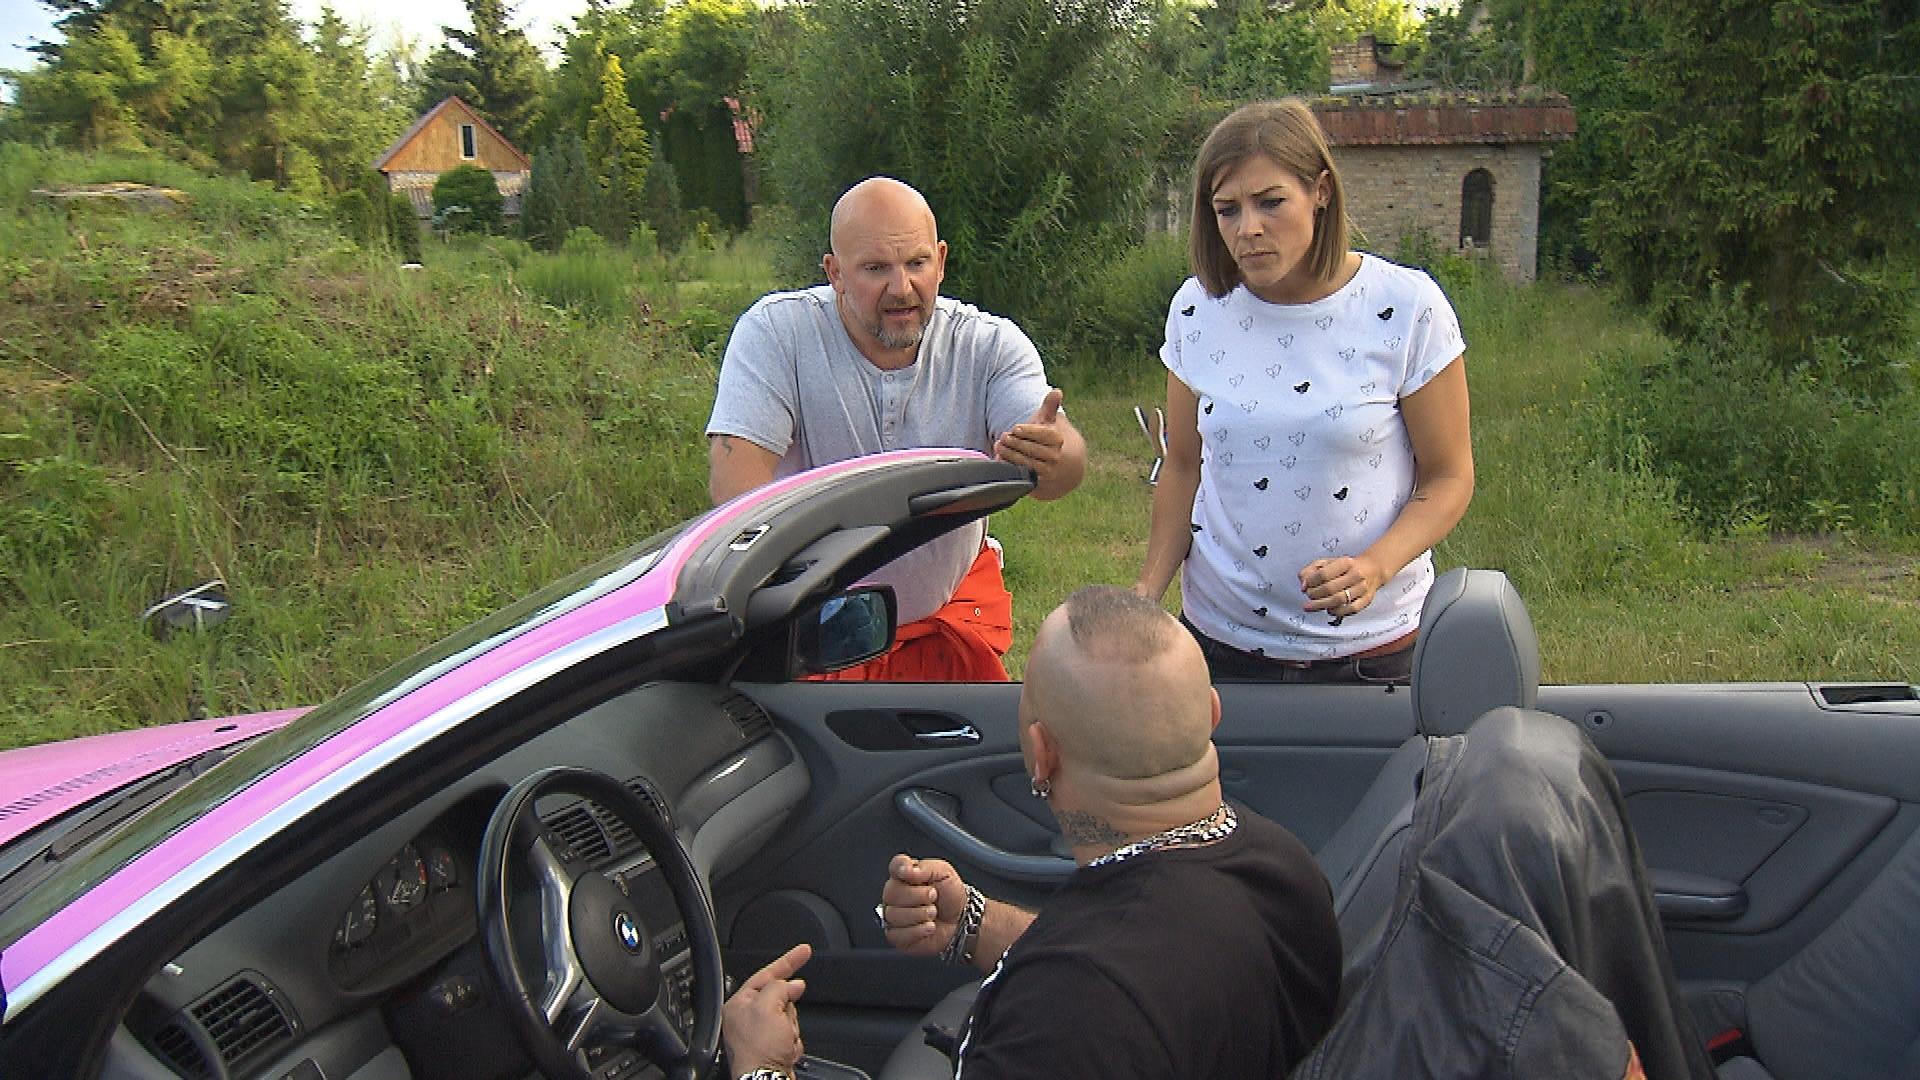 Joe,li. macht seinen Freunden klar, dass es Zeit für sie wird, zurück nach Berlin zu fahren. v.l.n.r.: Fabrizio, Alina, Joe